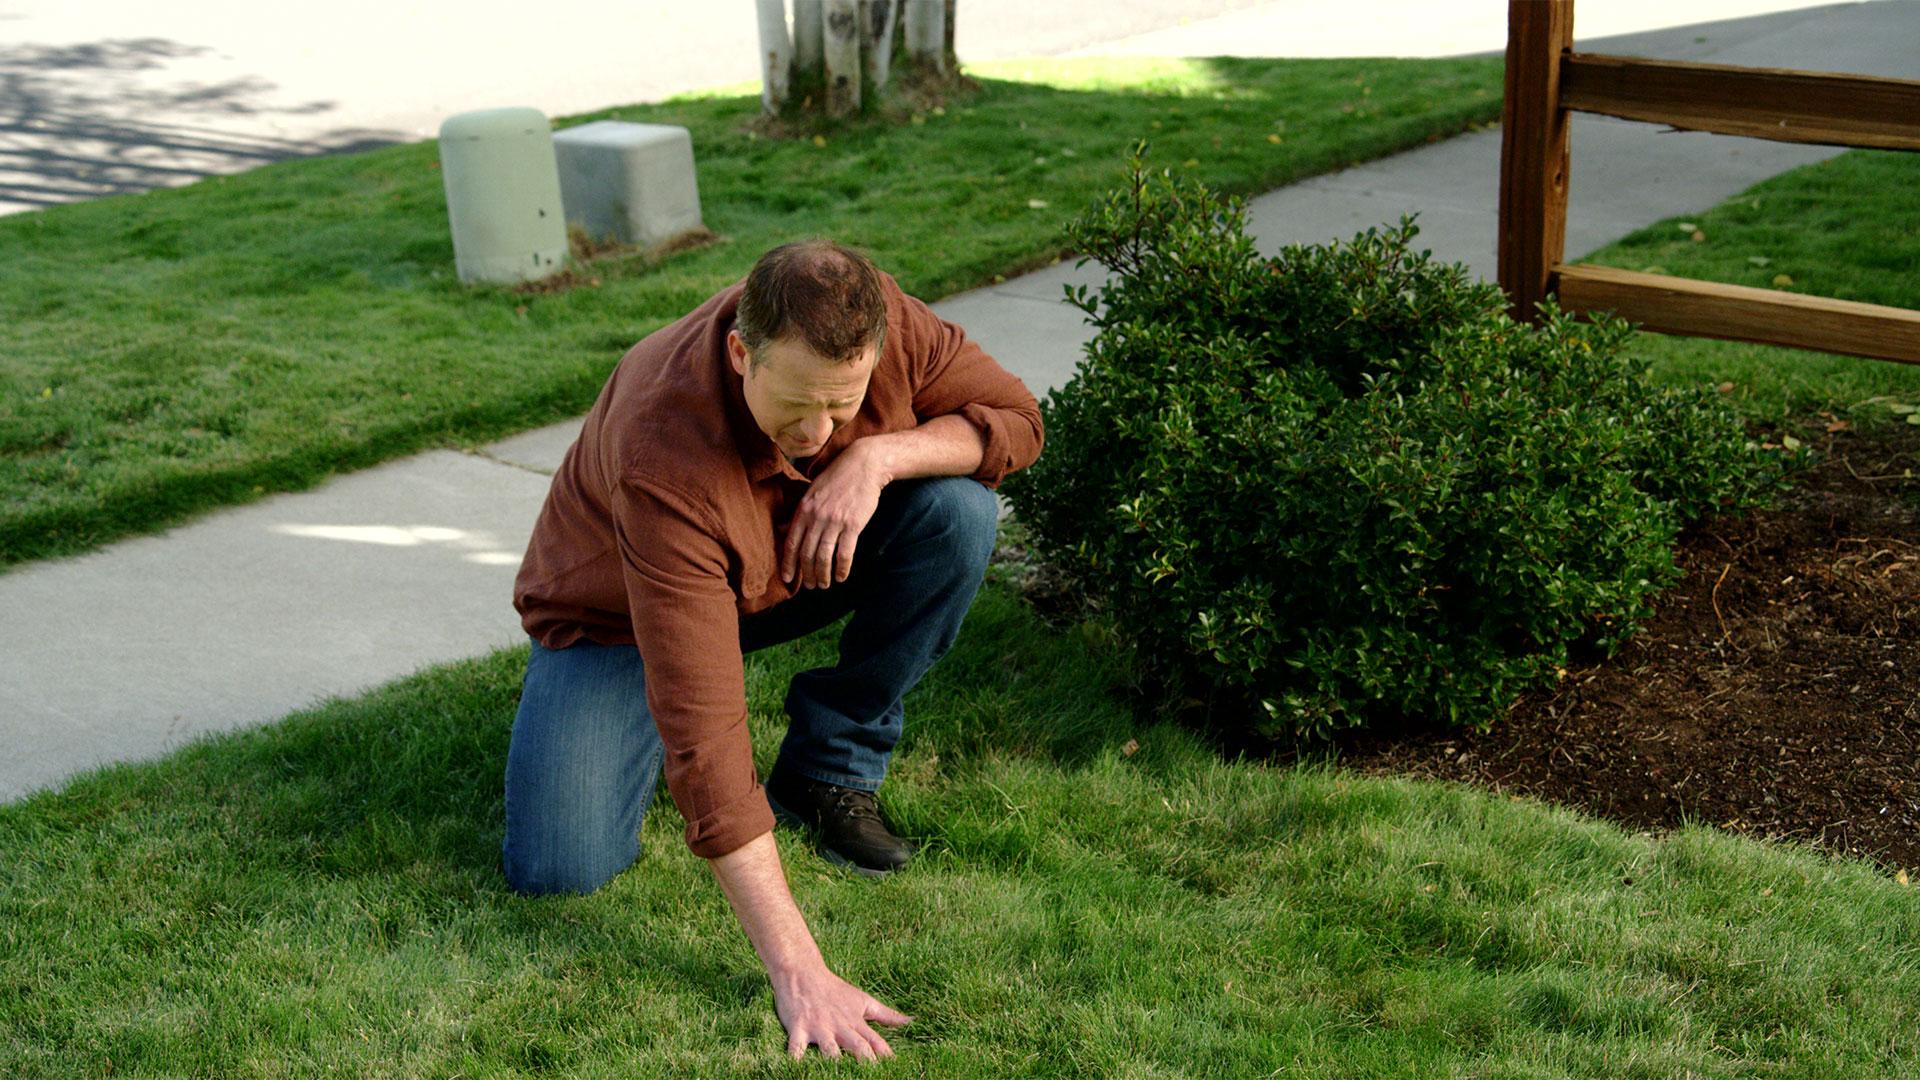 pennington grass 4 before